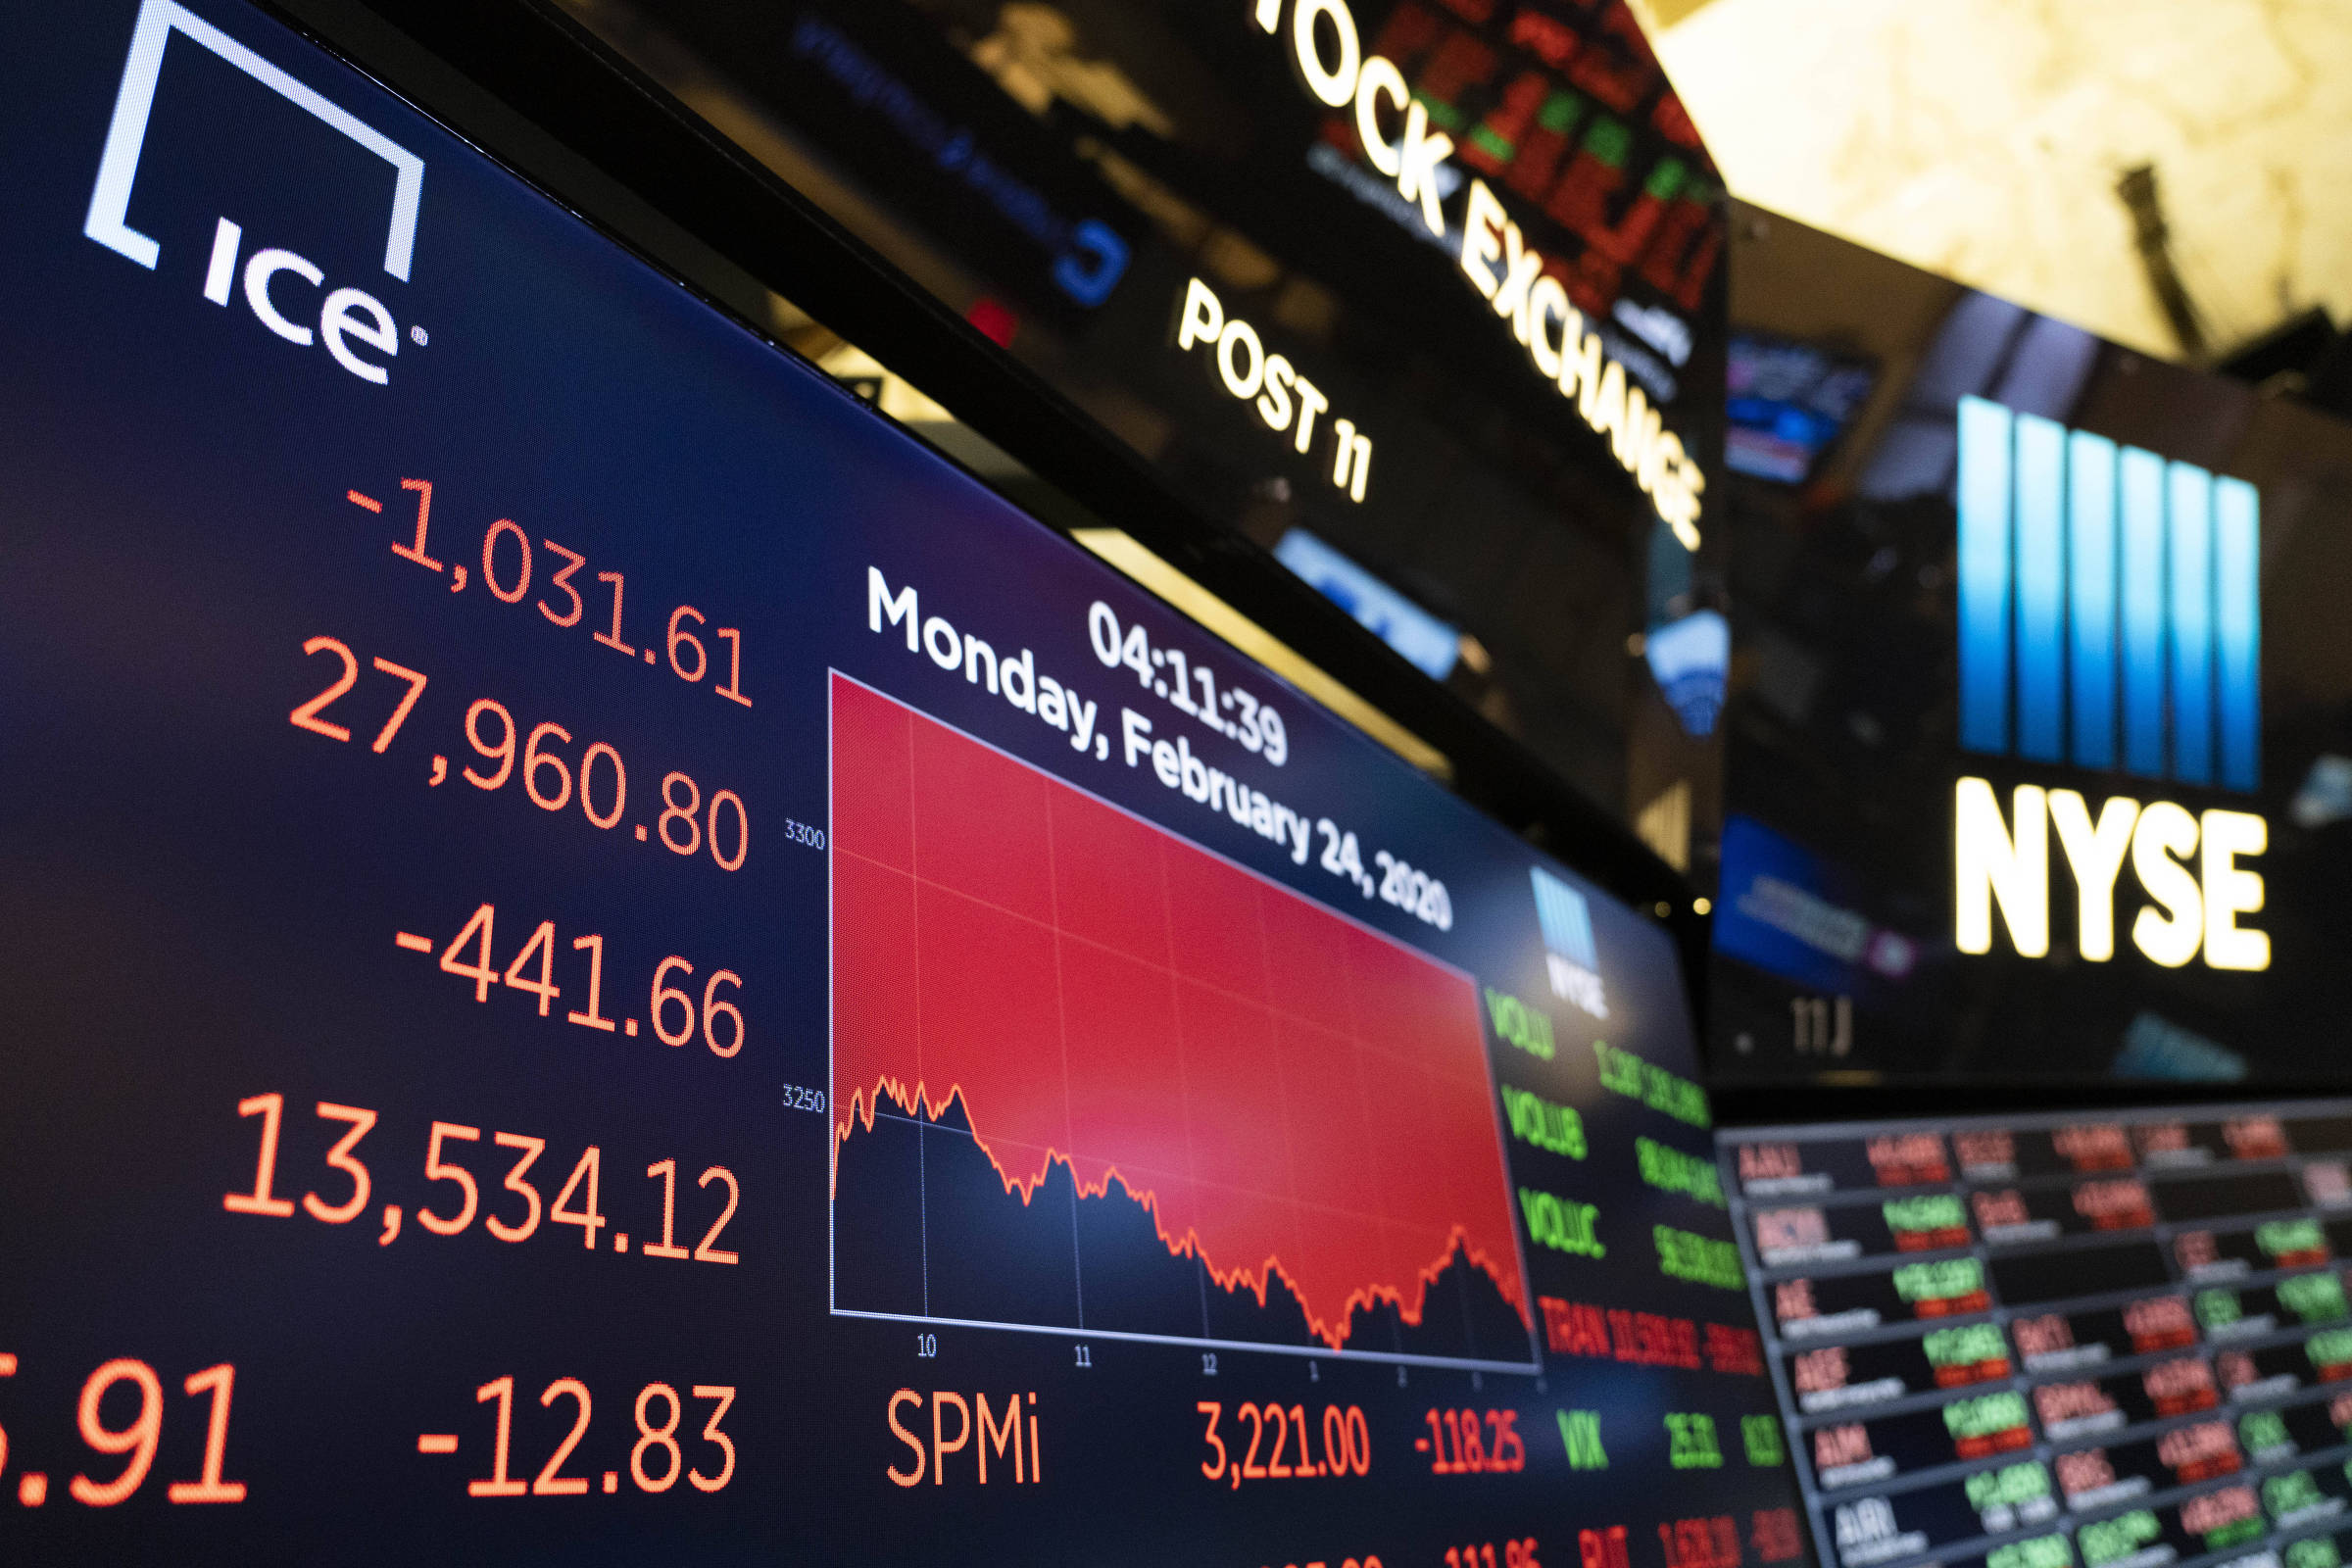 Bolsas americanas têm uma das piores semanas da história - 27/02/2020 - Mercado - Folha